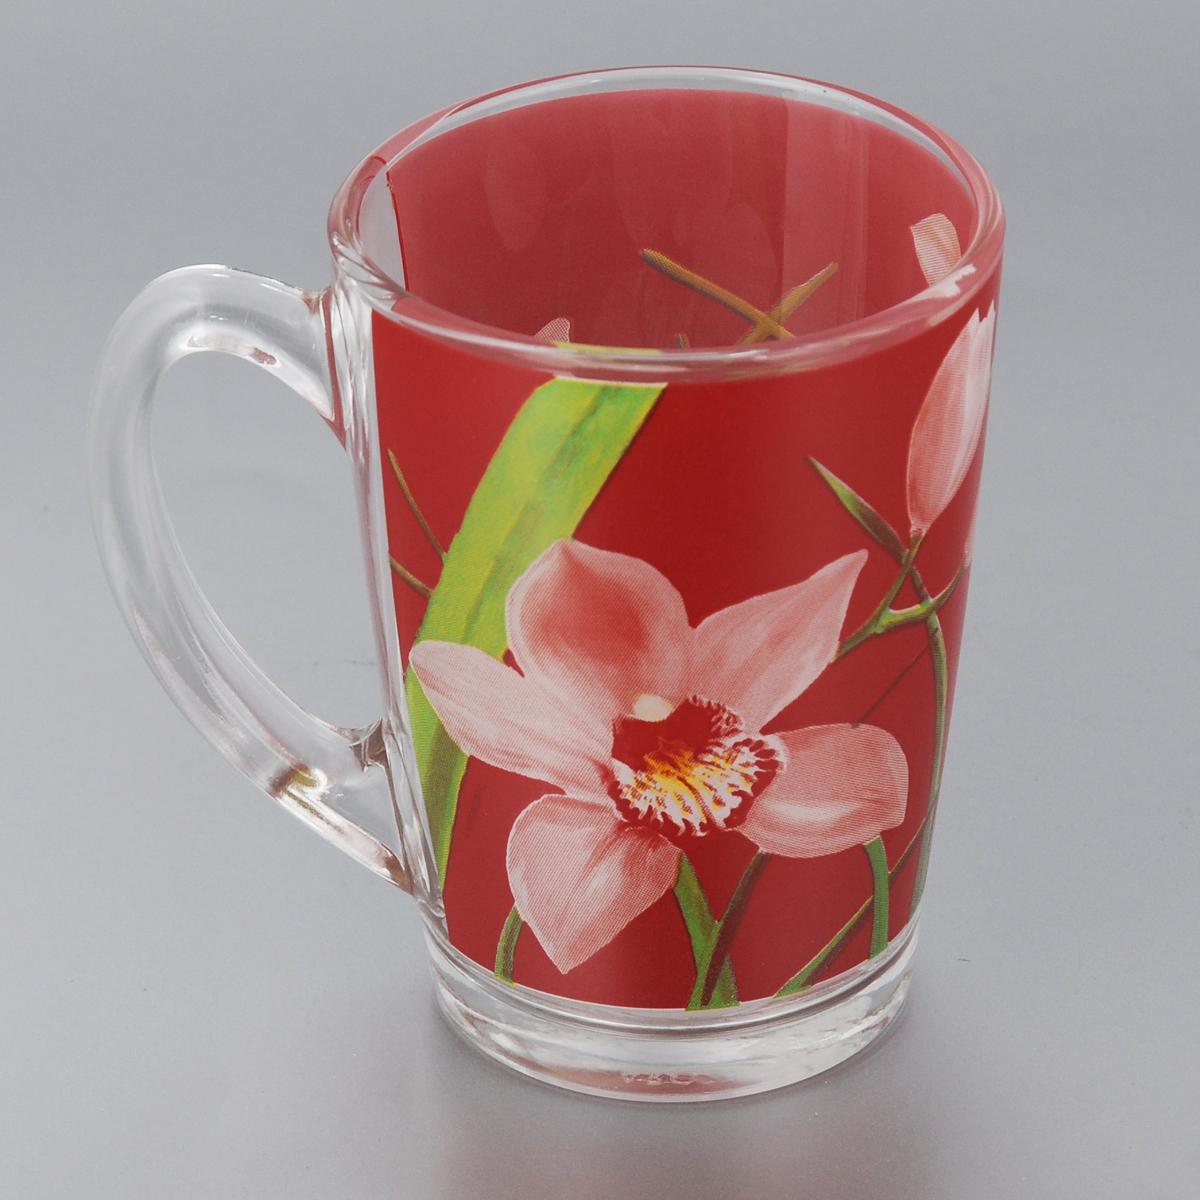 Кружка Luminarc Red Orchis, 320 млG0667Кружка Luminarc Red Orchis изготовлена из упрочненного стекла. Такая кружка прекрасно подойдет для горячих и холодных напитков. Она дополнит коллекцию вашей кухонной посуды и будет служить долгие годы. Диаметр кружки (по верхнему краю): 8 см.